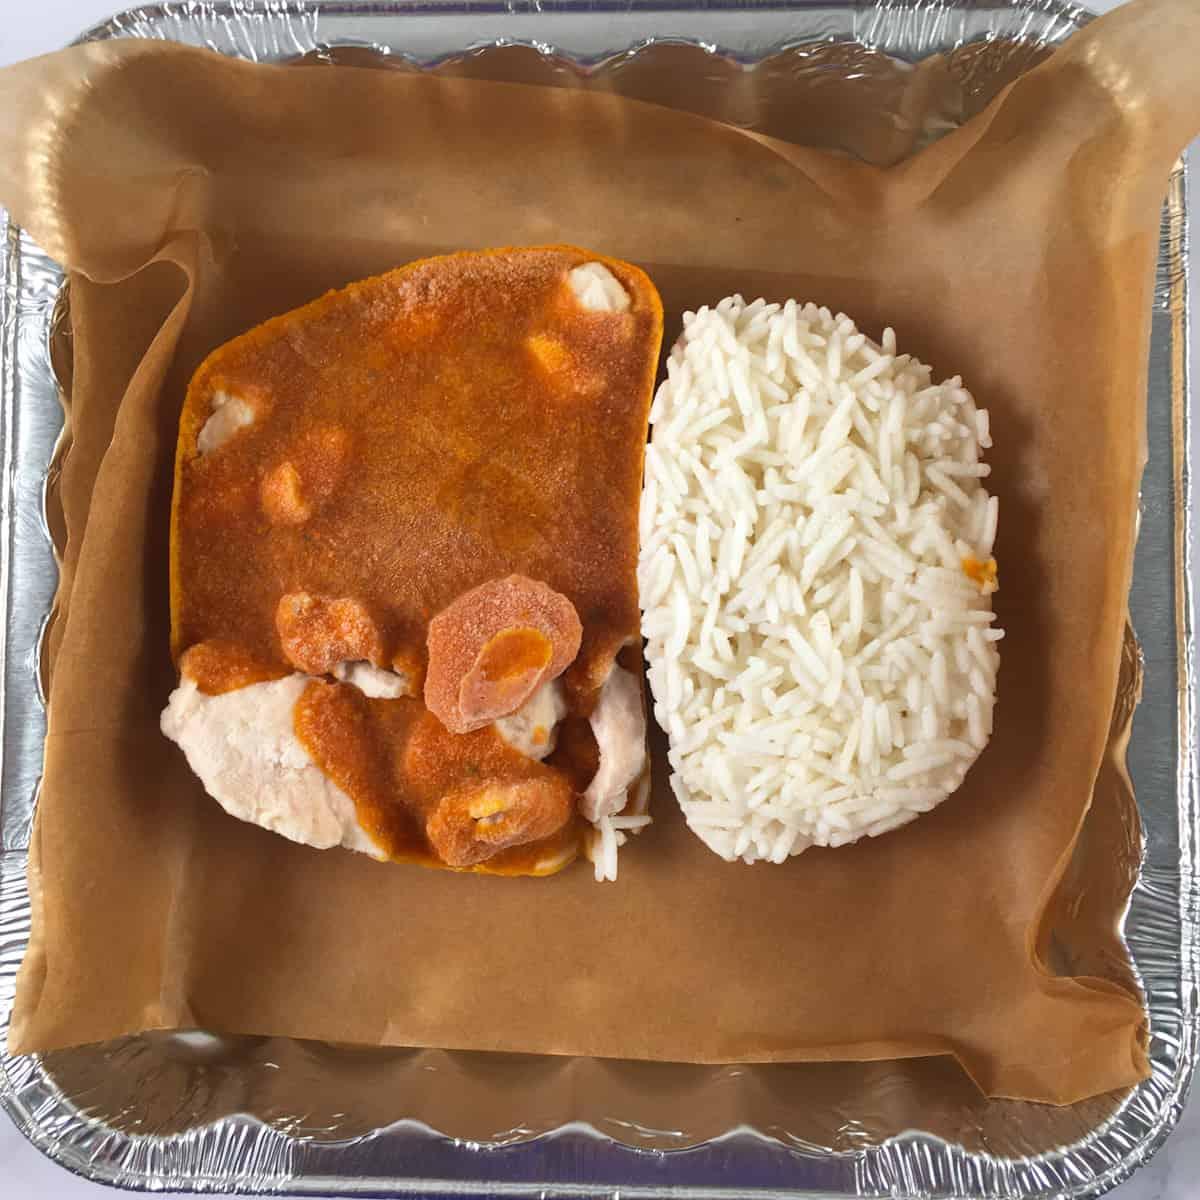 microwave dinner in air fryer